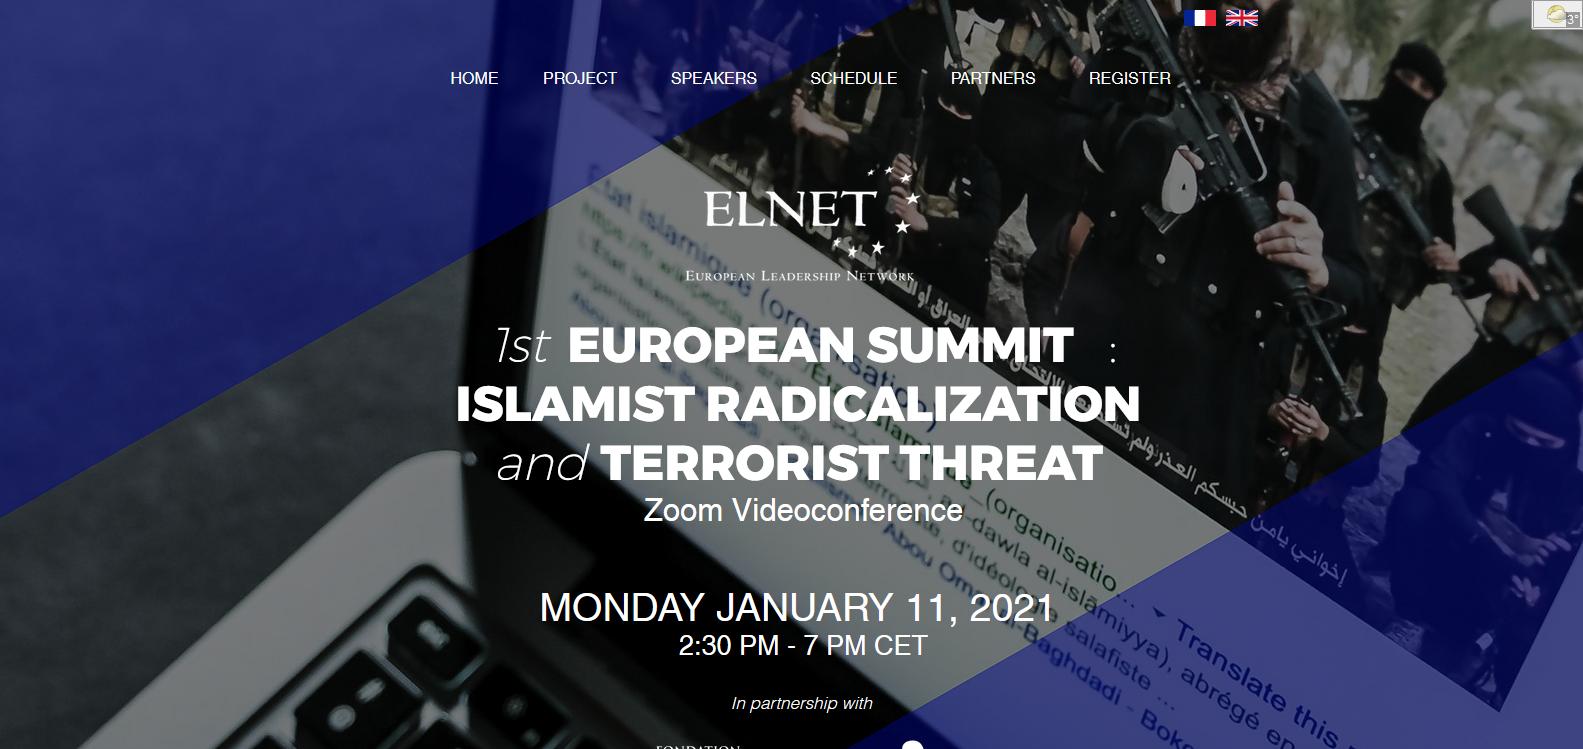 ELNET - 1st  EUROPEAN SUMMIT:  ISLAMIST RADICALIZATION and TERRORIST THREAT - Zoom Videoconference